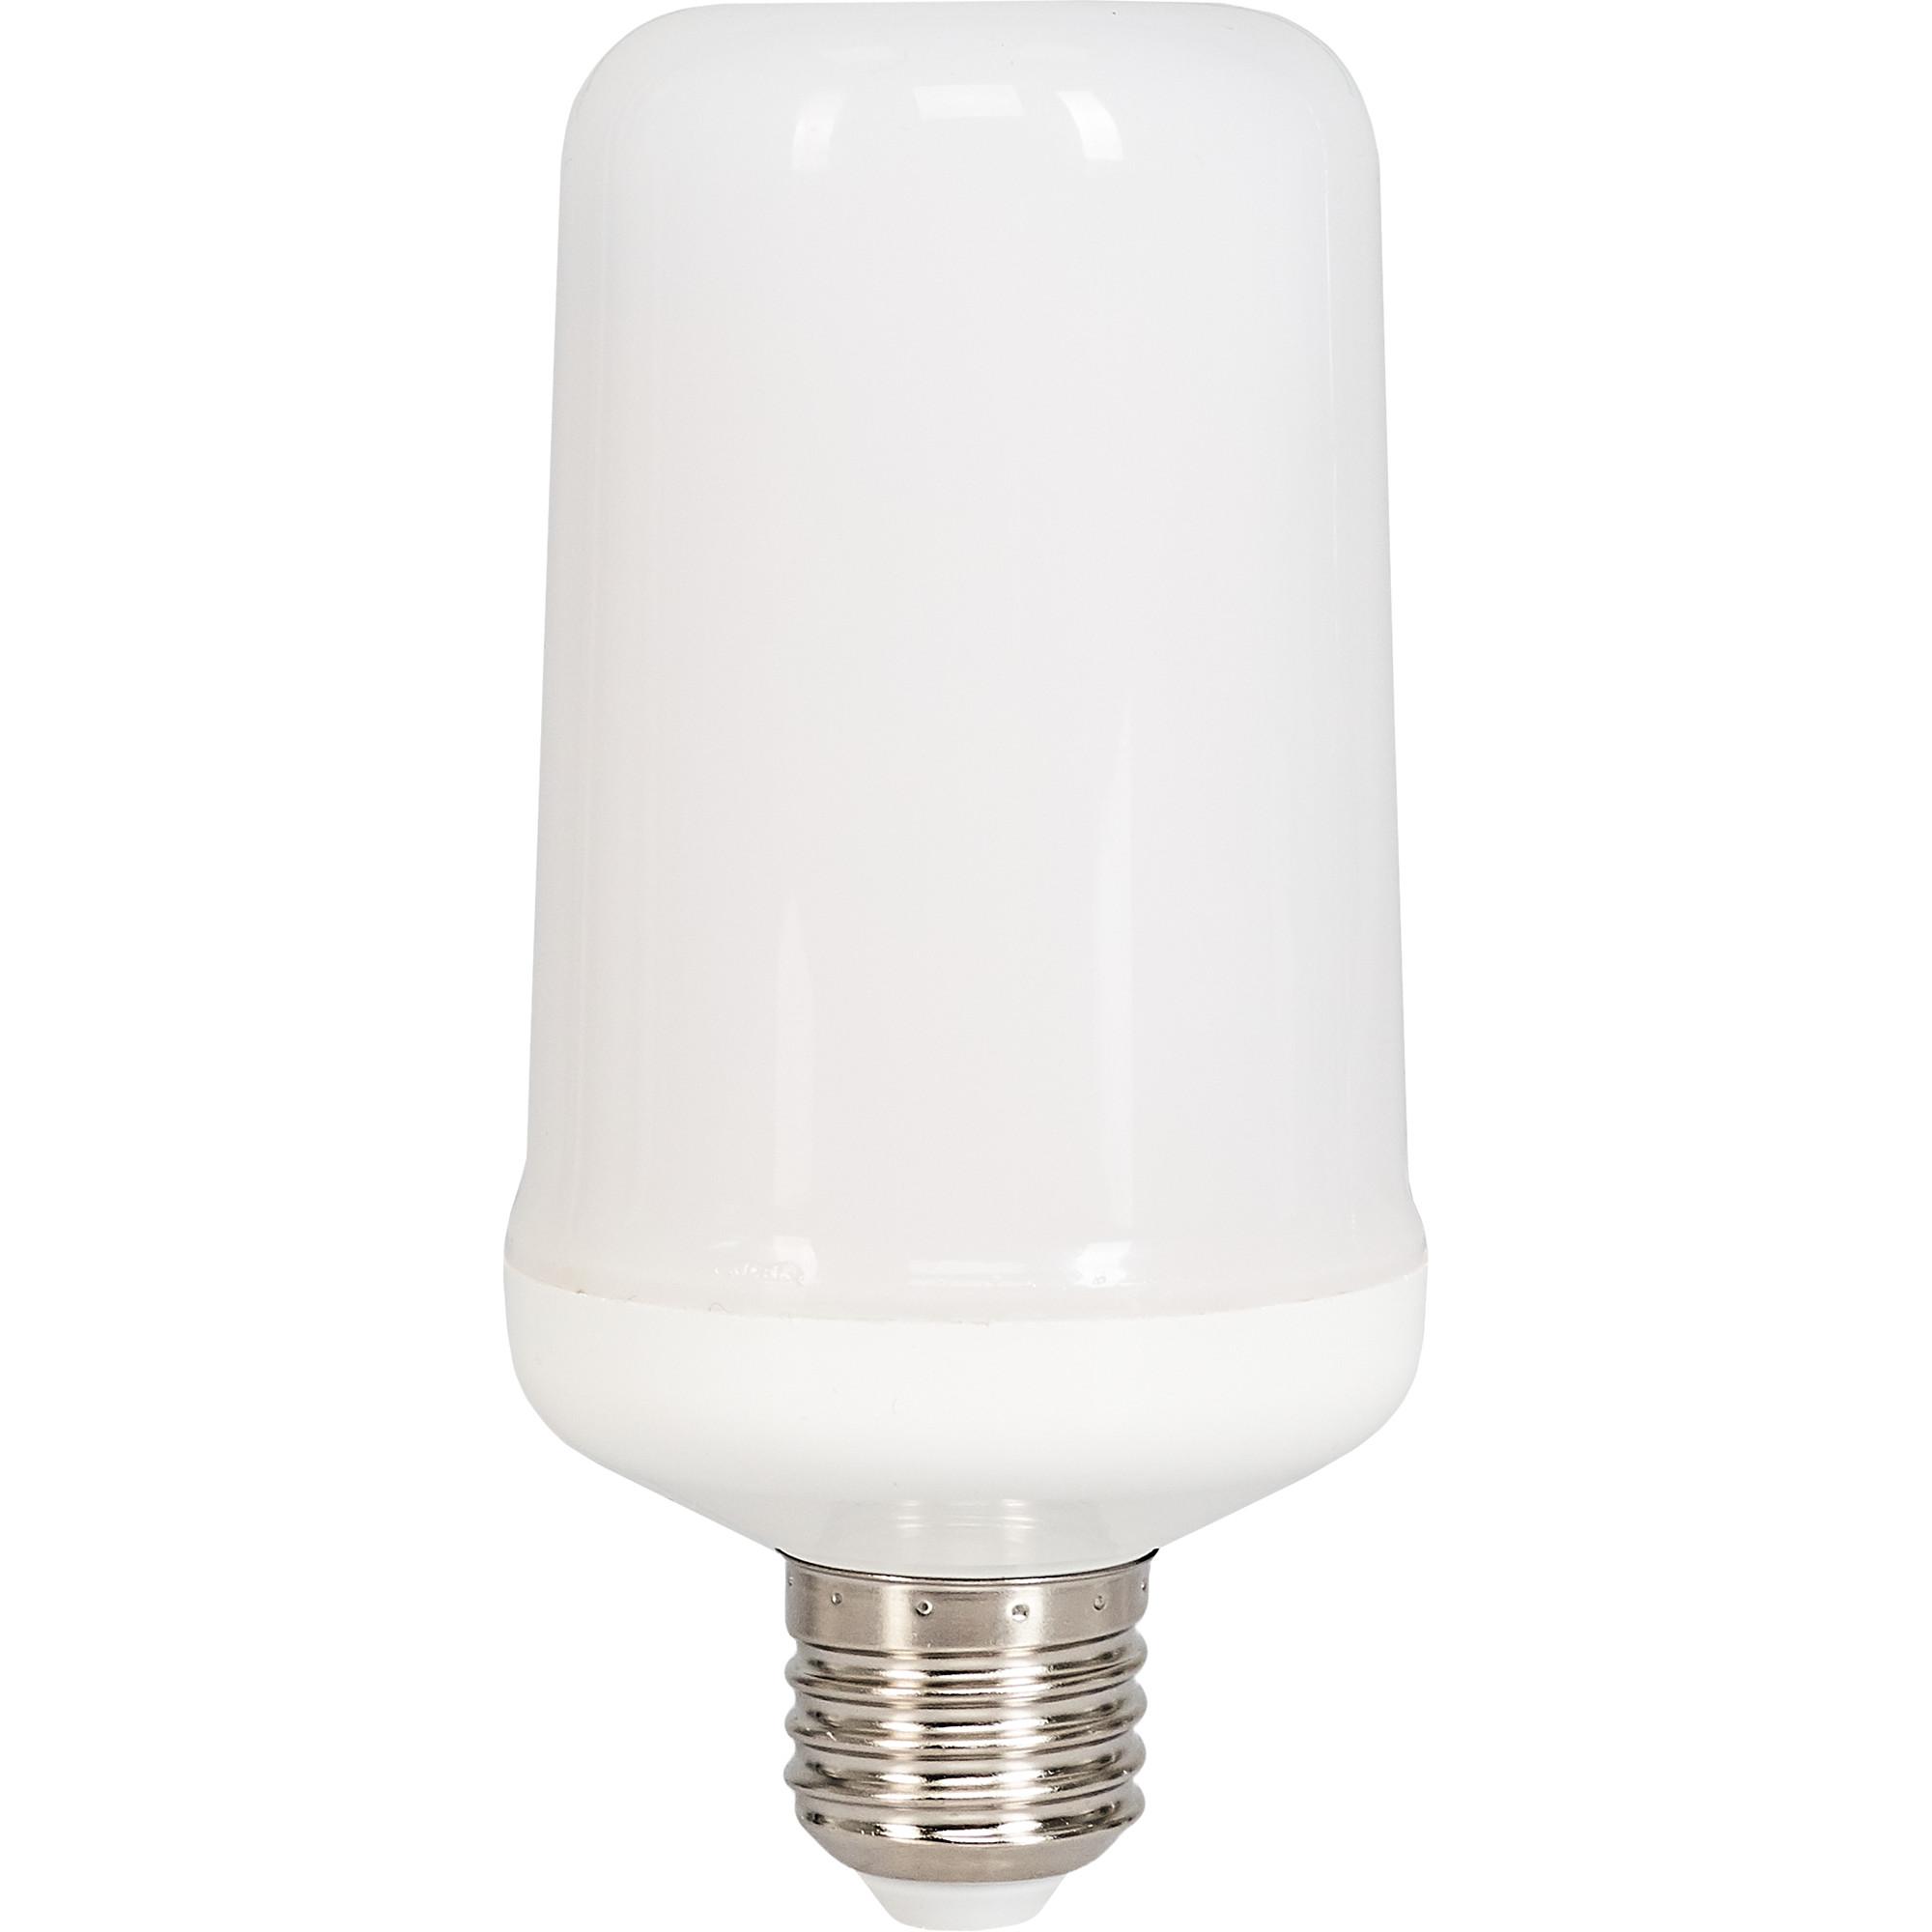 Лампа светодиодная Uniel E27 170-240 В 6 Вт цилиндр 300 лм с эффектом пламени 3 режима свечения